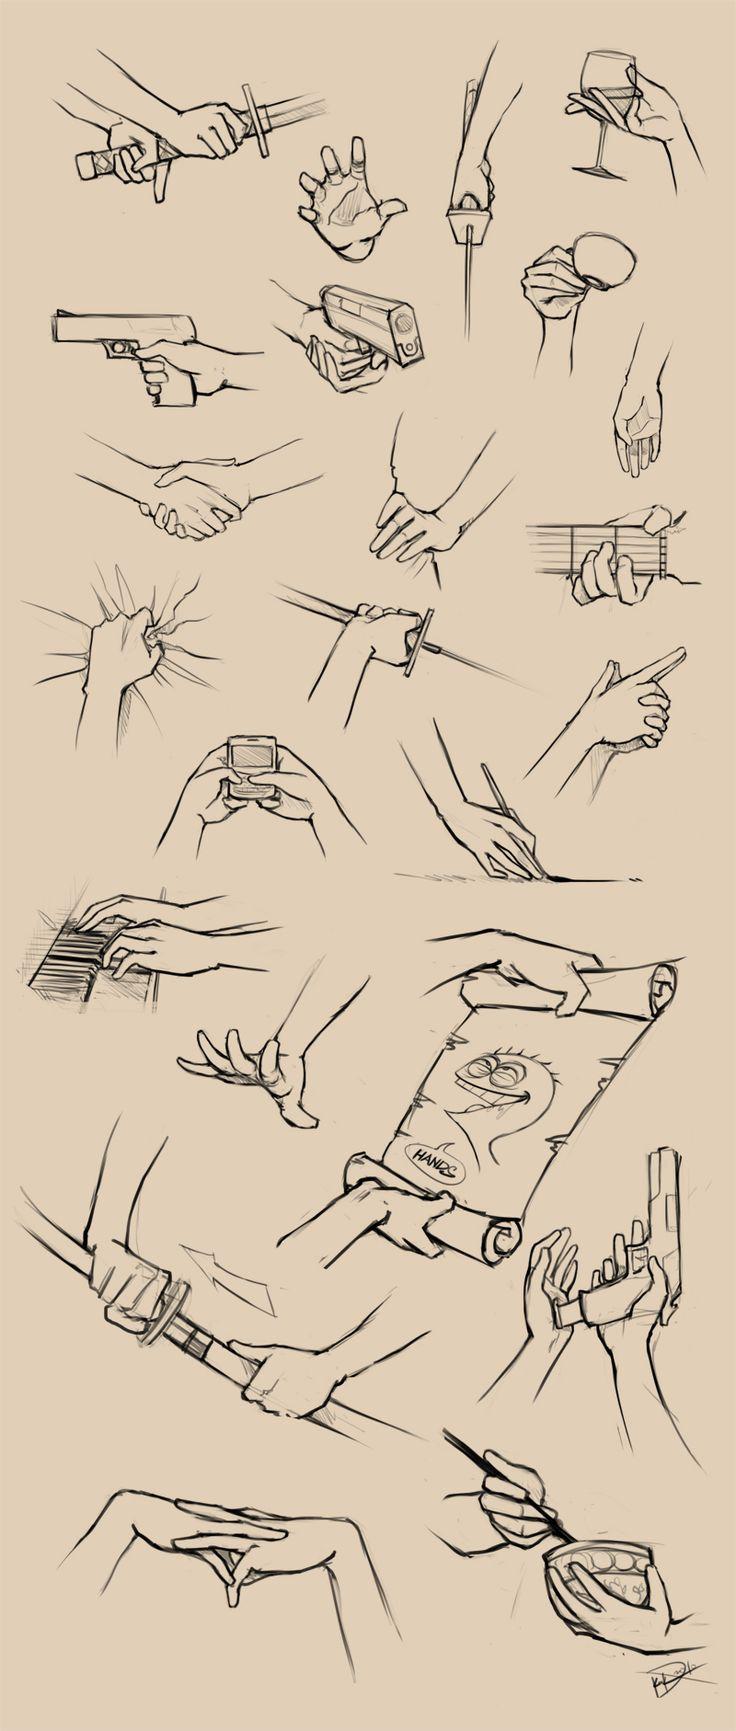 dibujar manos cogiendo objetos, espada y sables